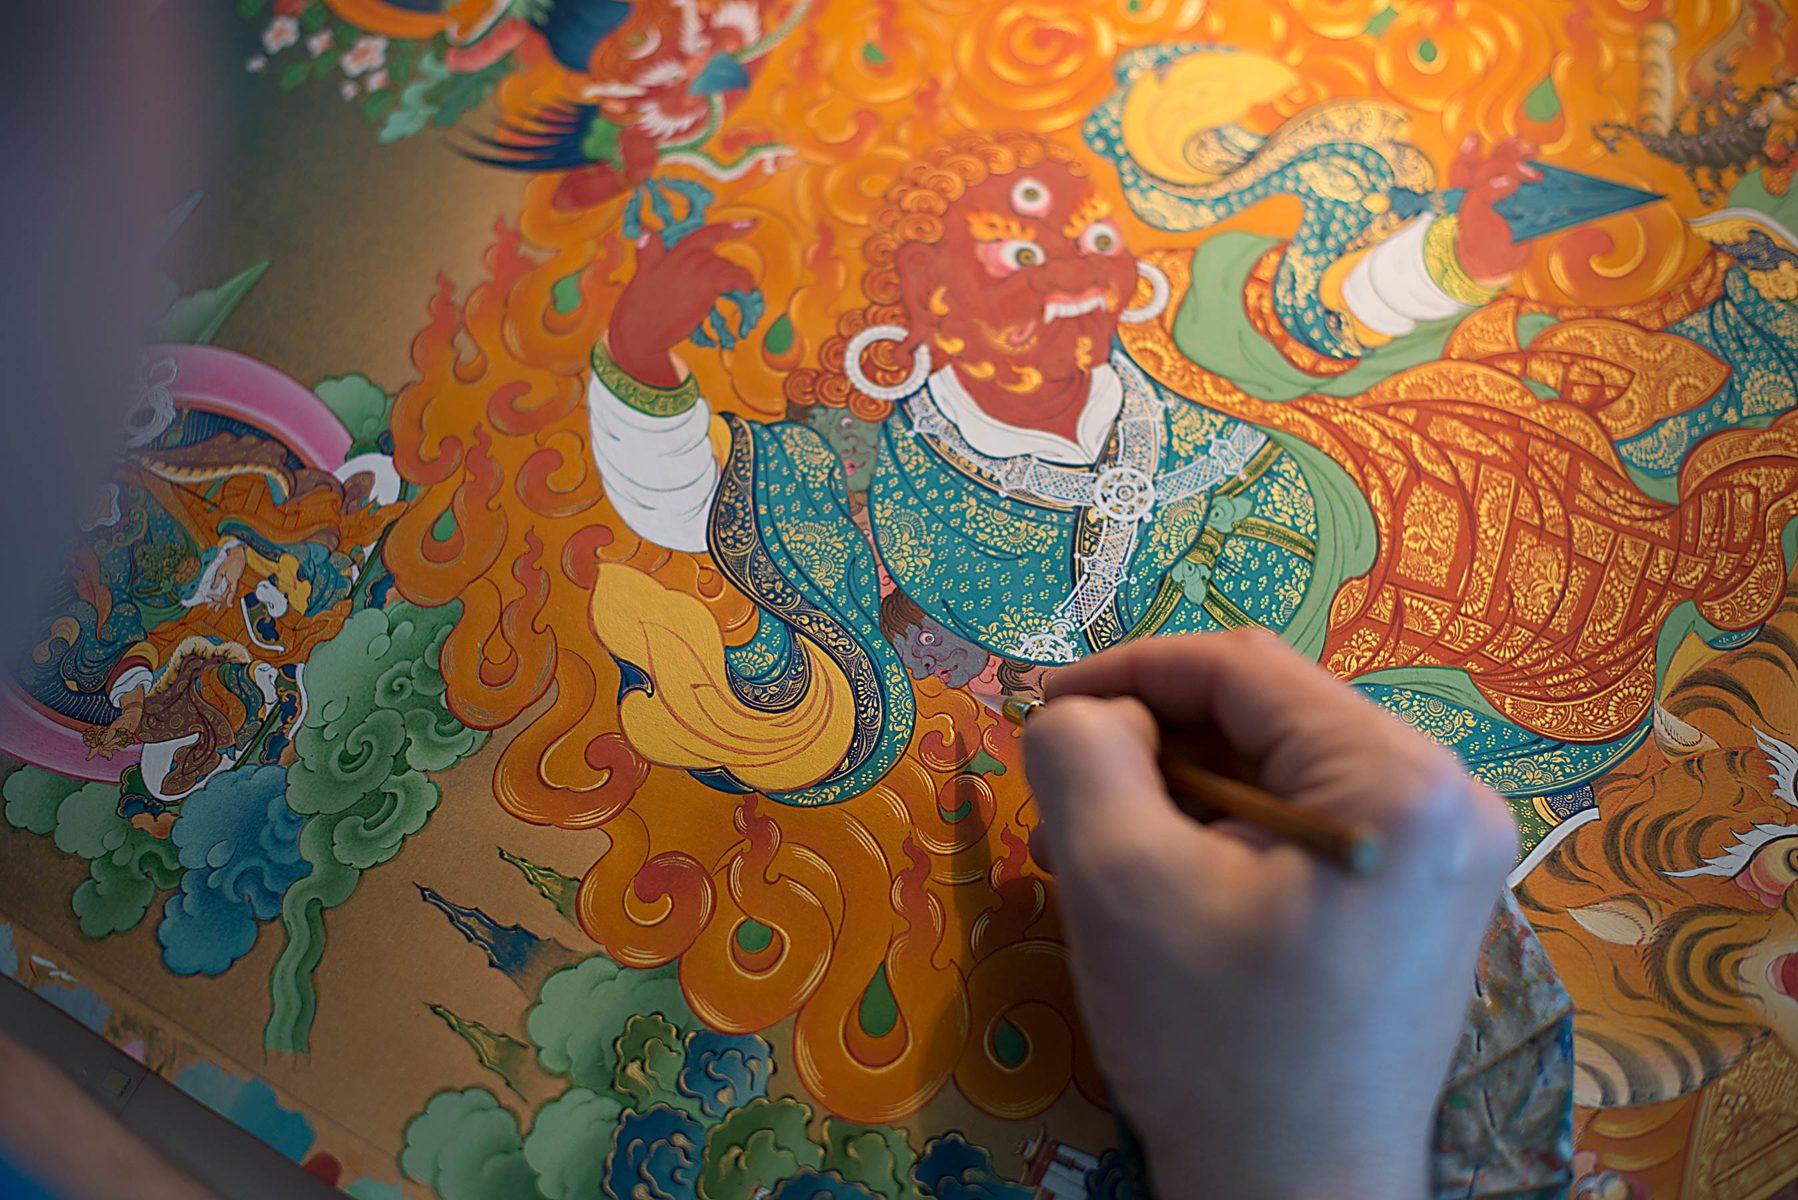 Выставка «Живопись танка. Медитация и философия Востока» в галерее искусств Зураба Церетели – события на сайте «Московские Сезоны»